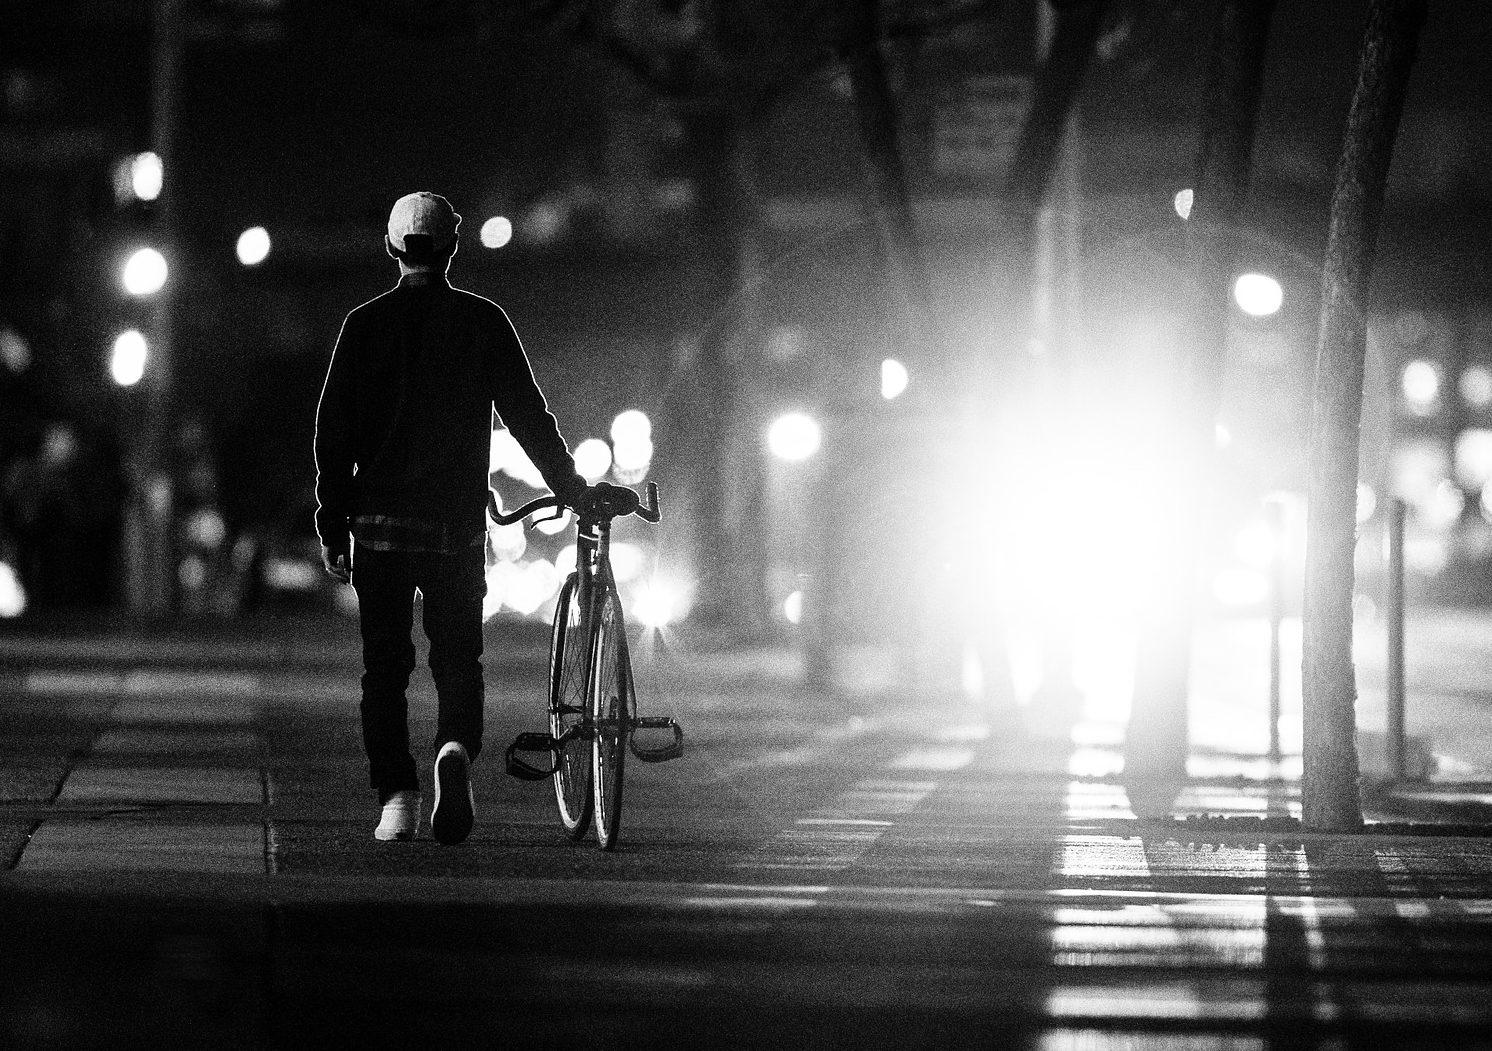 Hadde lys på sekk og ikke sykkel – fikk forelegg